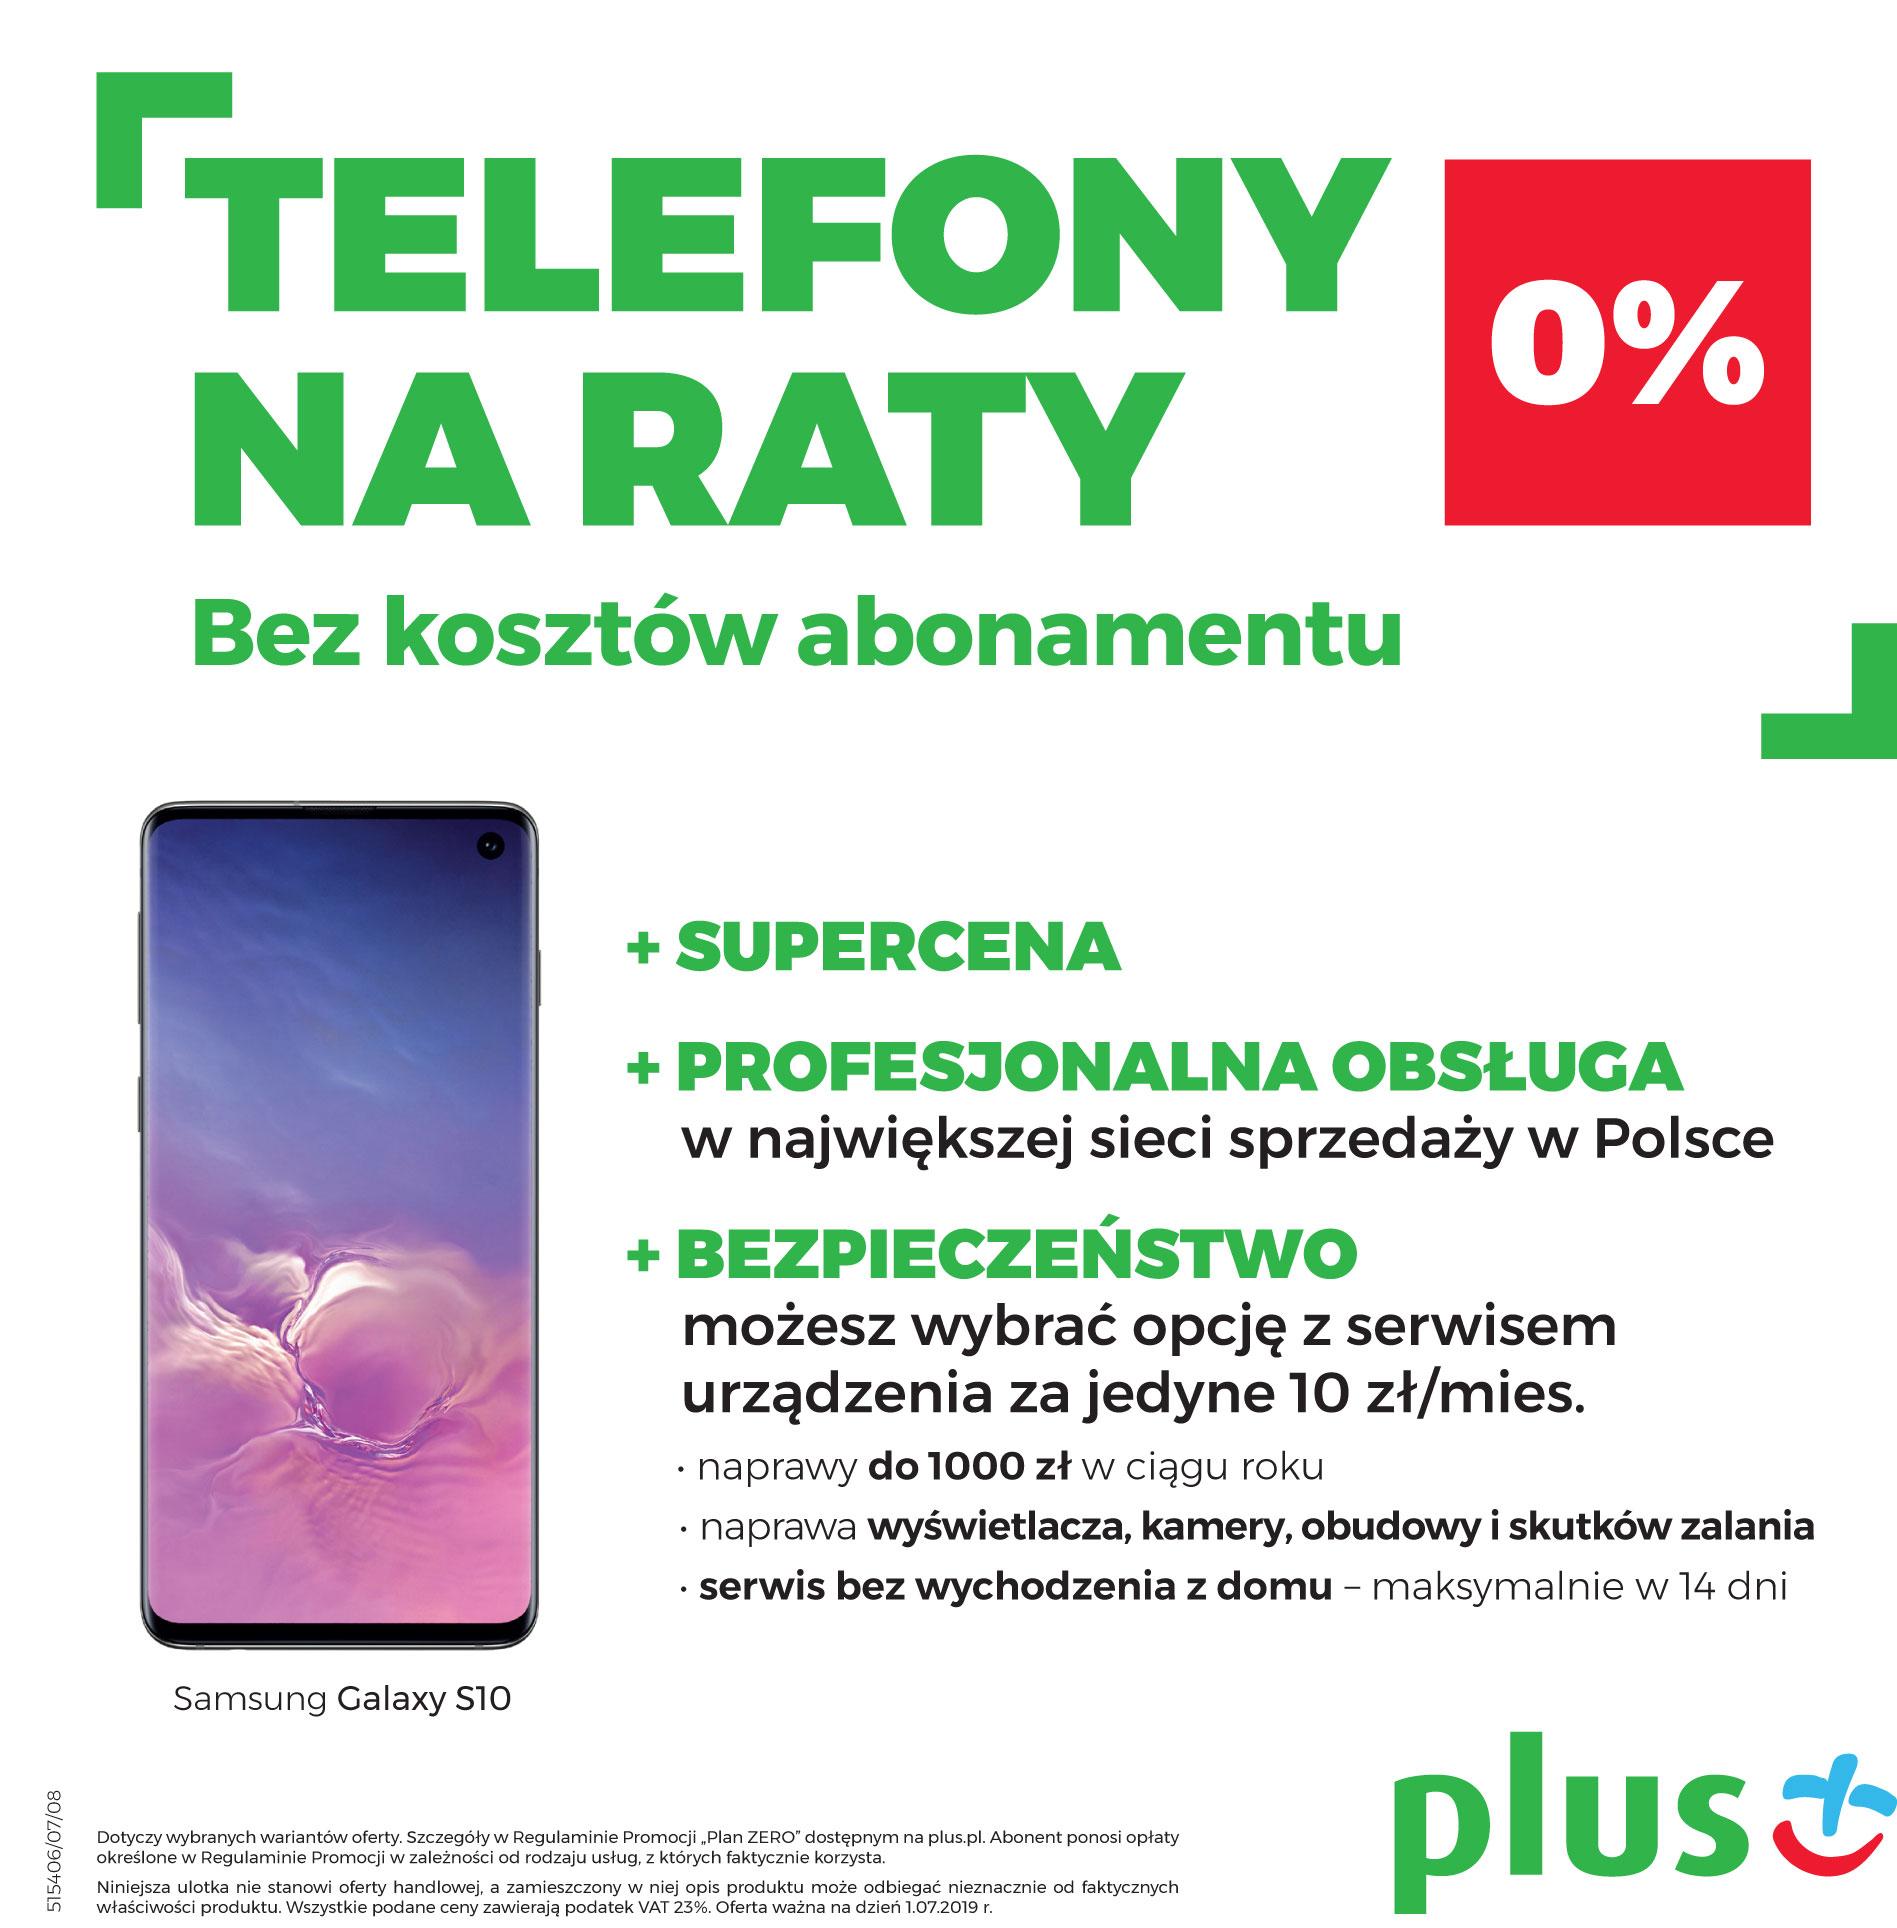 Katalog urządzeń na raty 0% bez abonamentu w Plusie